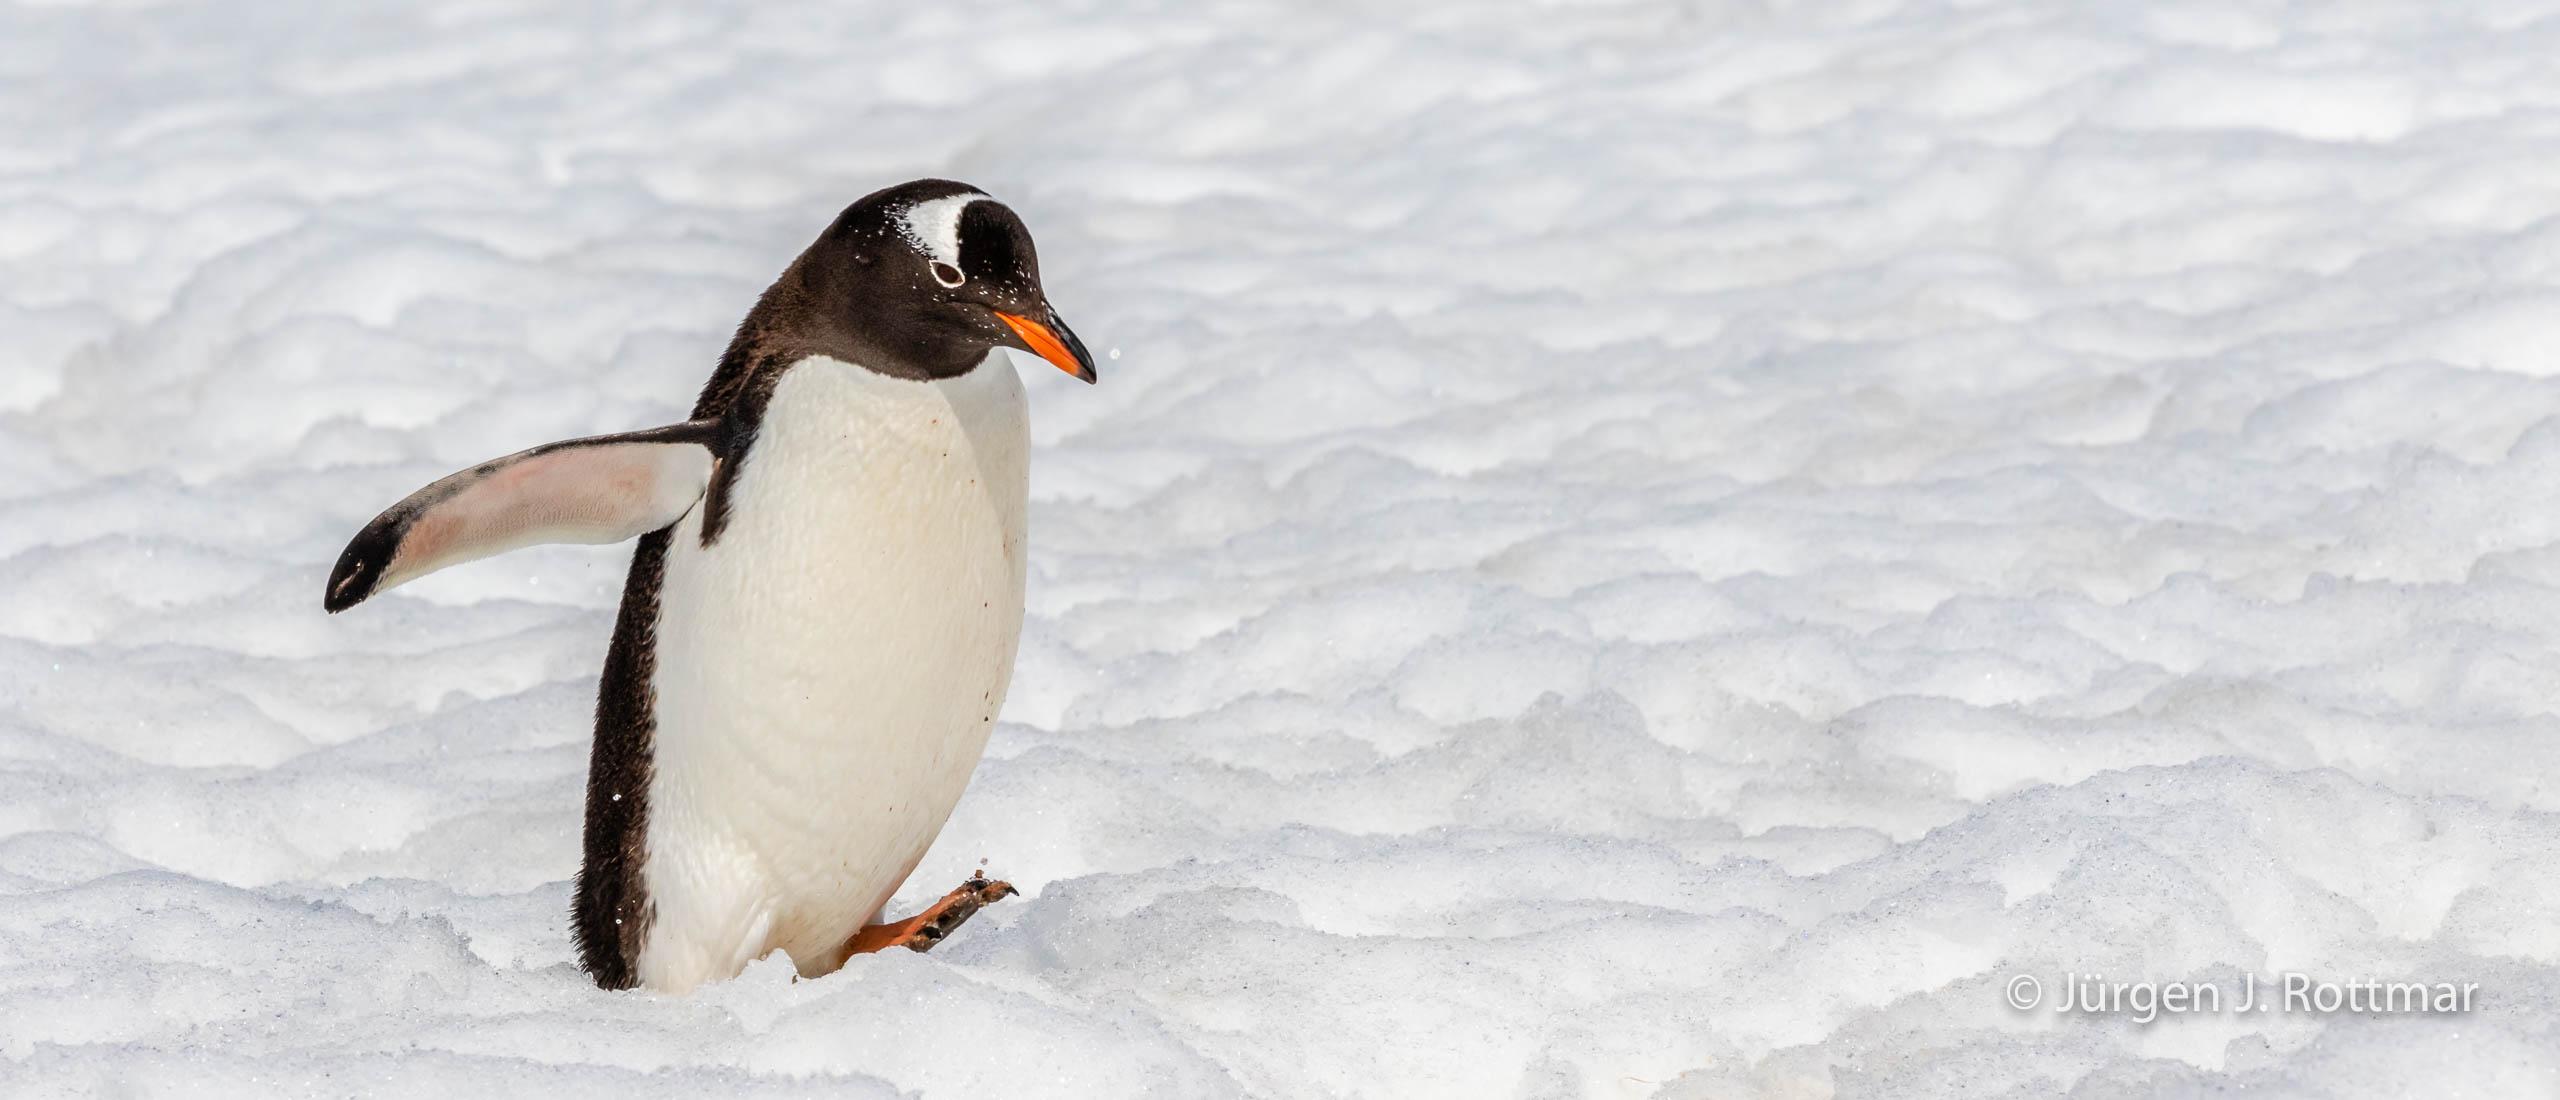 Juergen J Rottmar Antarctic Peninsula R6A0795 Bearbeitet